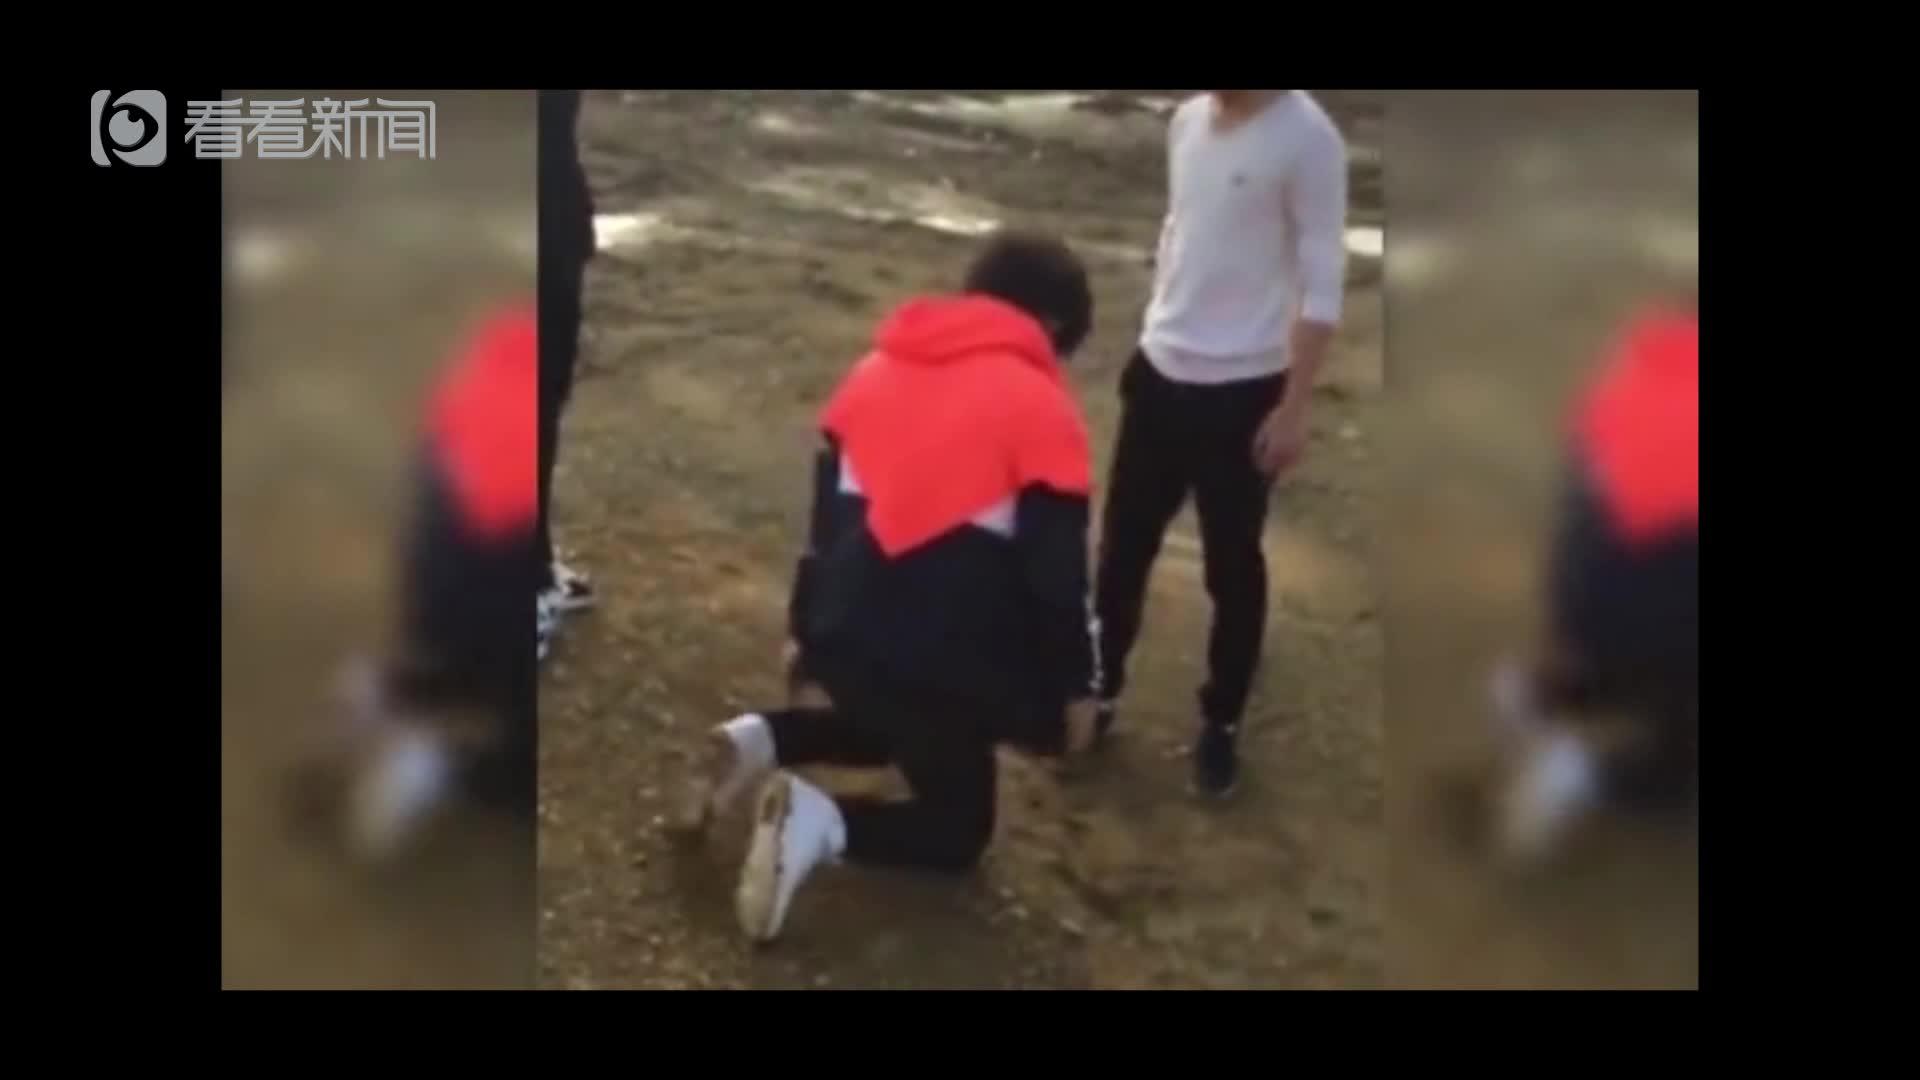 男子被逼下跪遭多人围殴 多次被打倒连连道歉